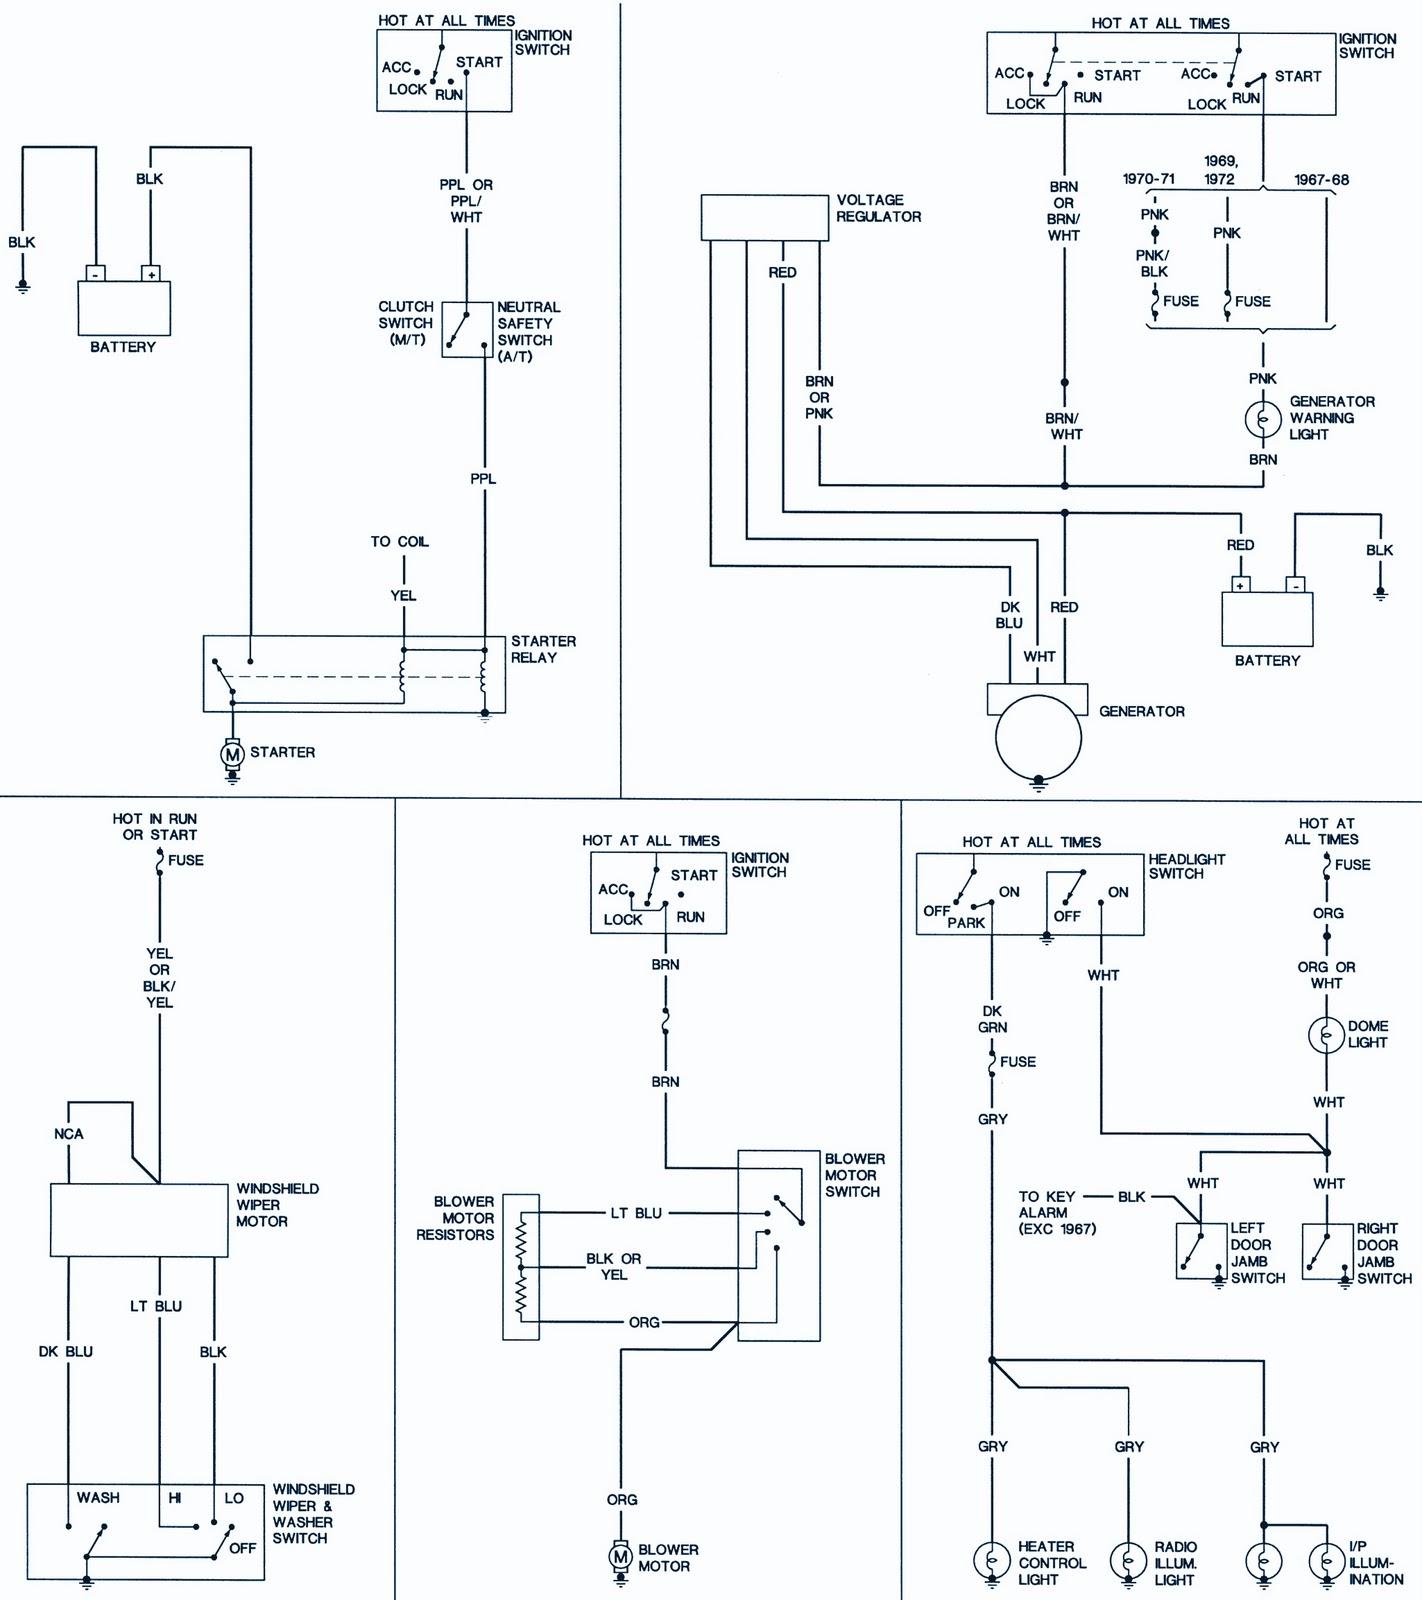 Tolle 69 Camaro Schaltplan Bilder - Elektrische Schaltplan-Ideen ...